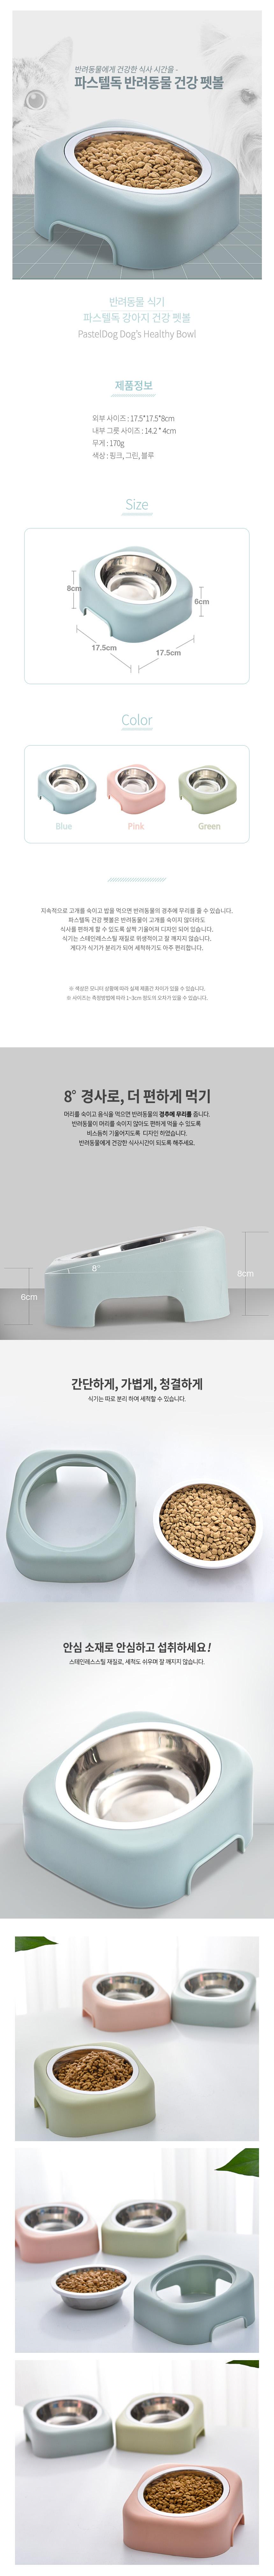 파스텔독 강아지 건강 펫볼 밥그릇 - 멍뭉스, 11,500원, 급수/급식기, 식기/식탁